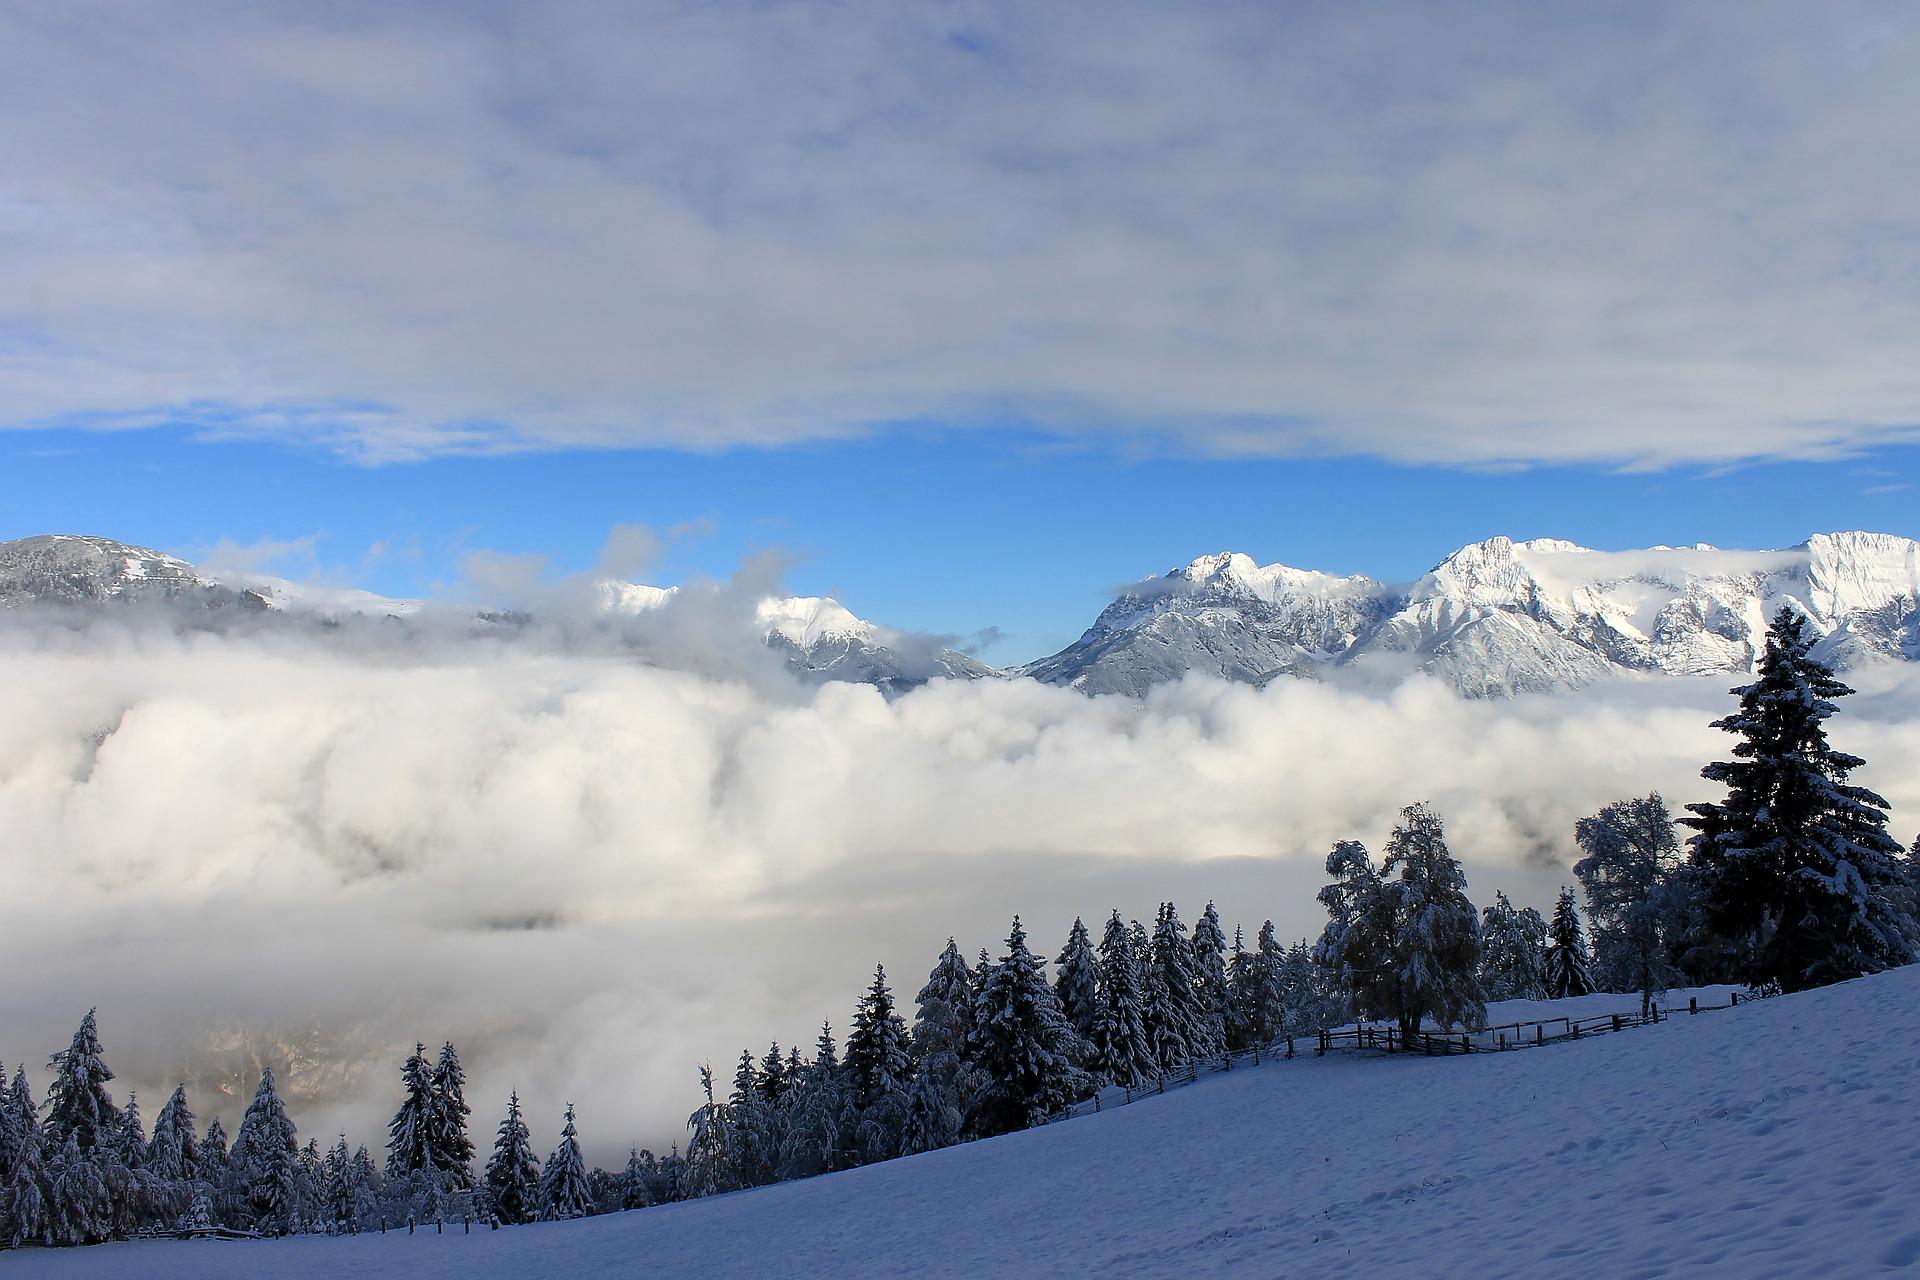 snowy-landscape-1821035_1920